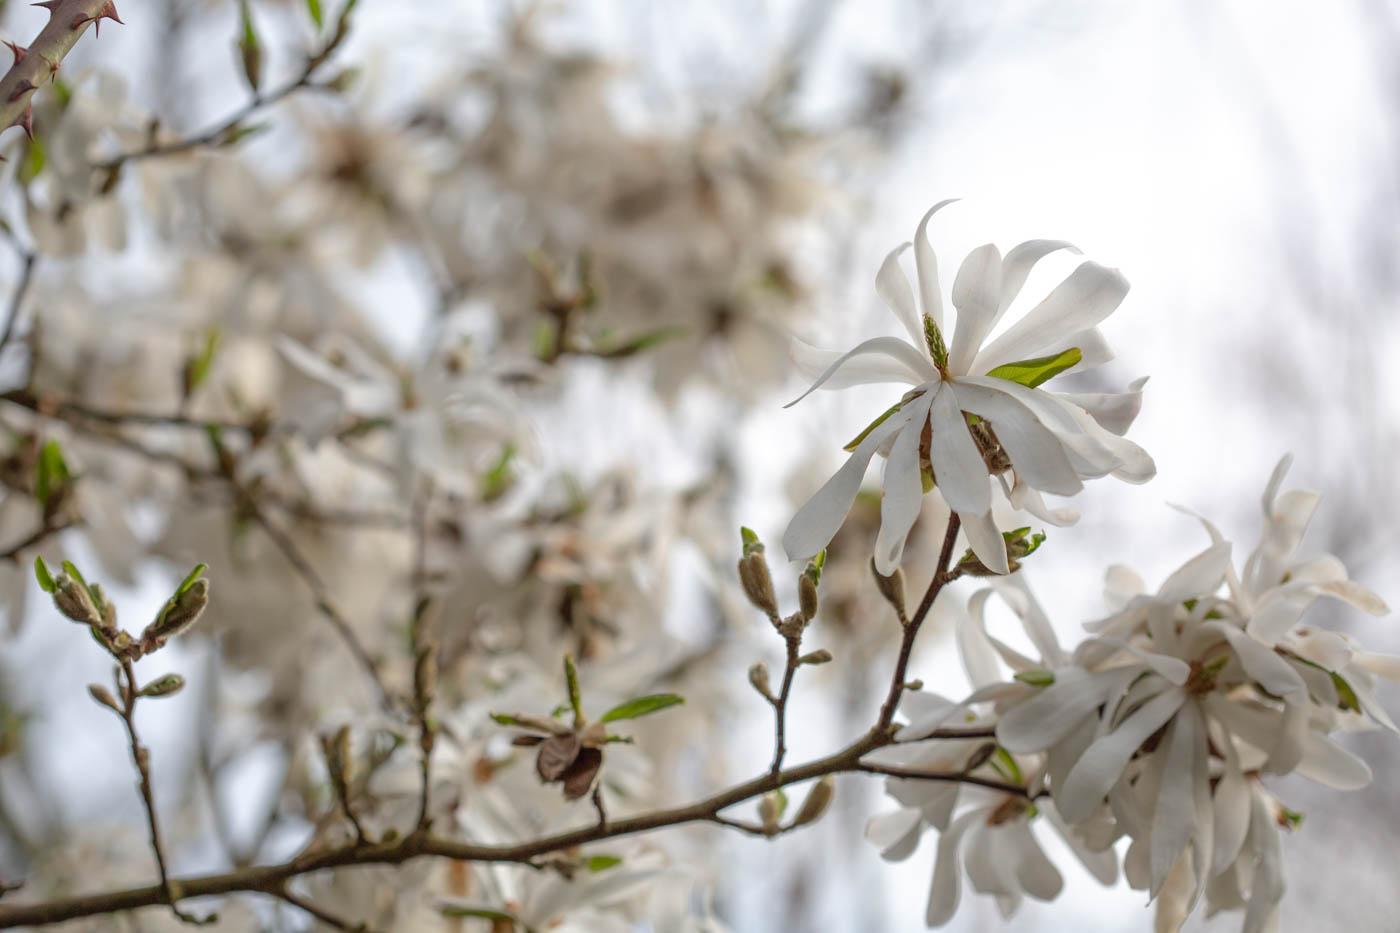 Magnolie, Sternmagnolie, Magnolia stellata, Garten Christine Bahlo